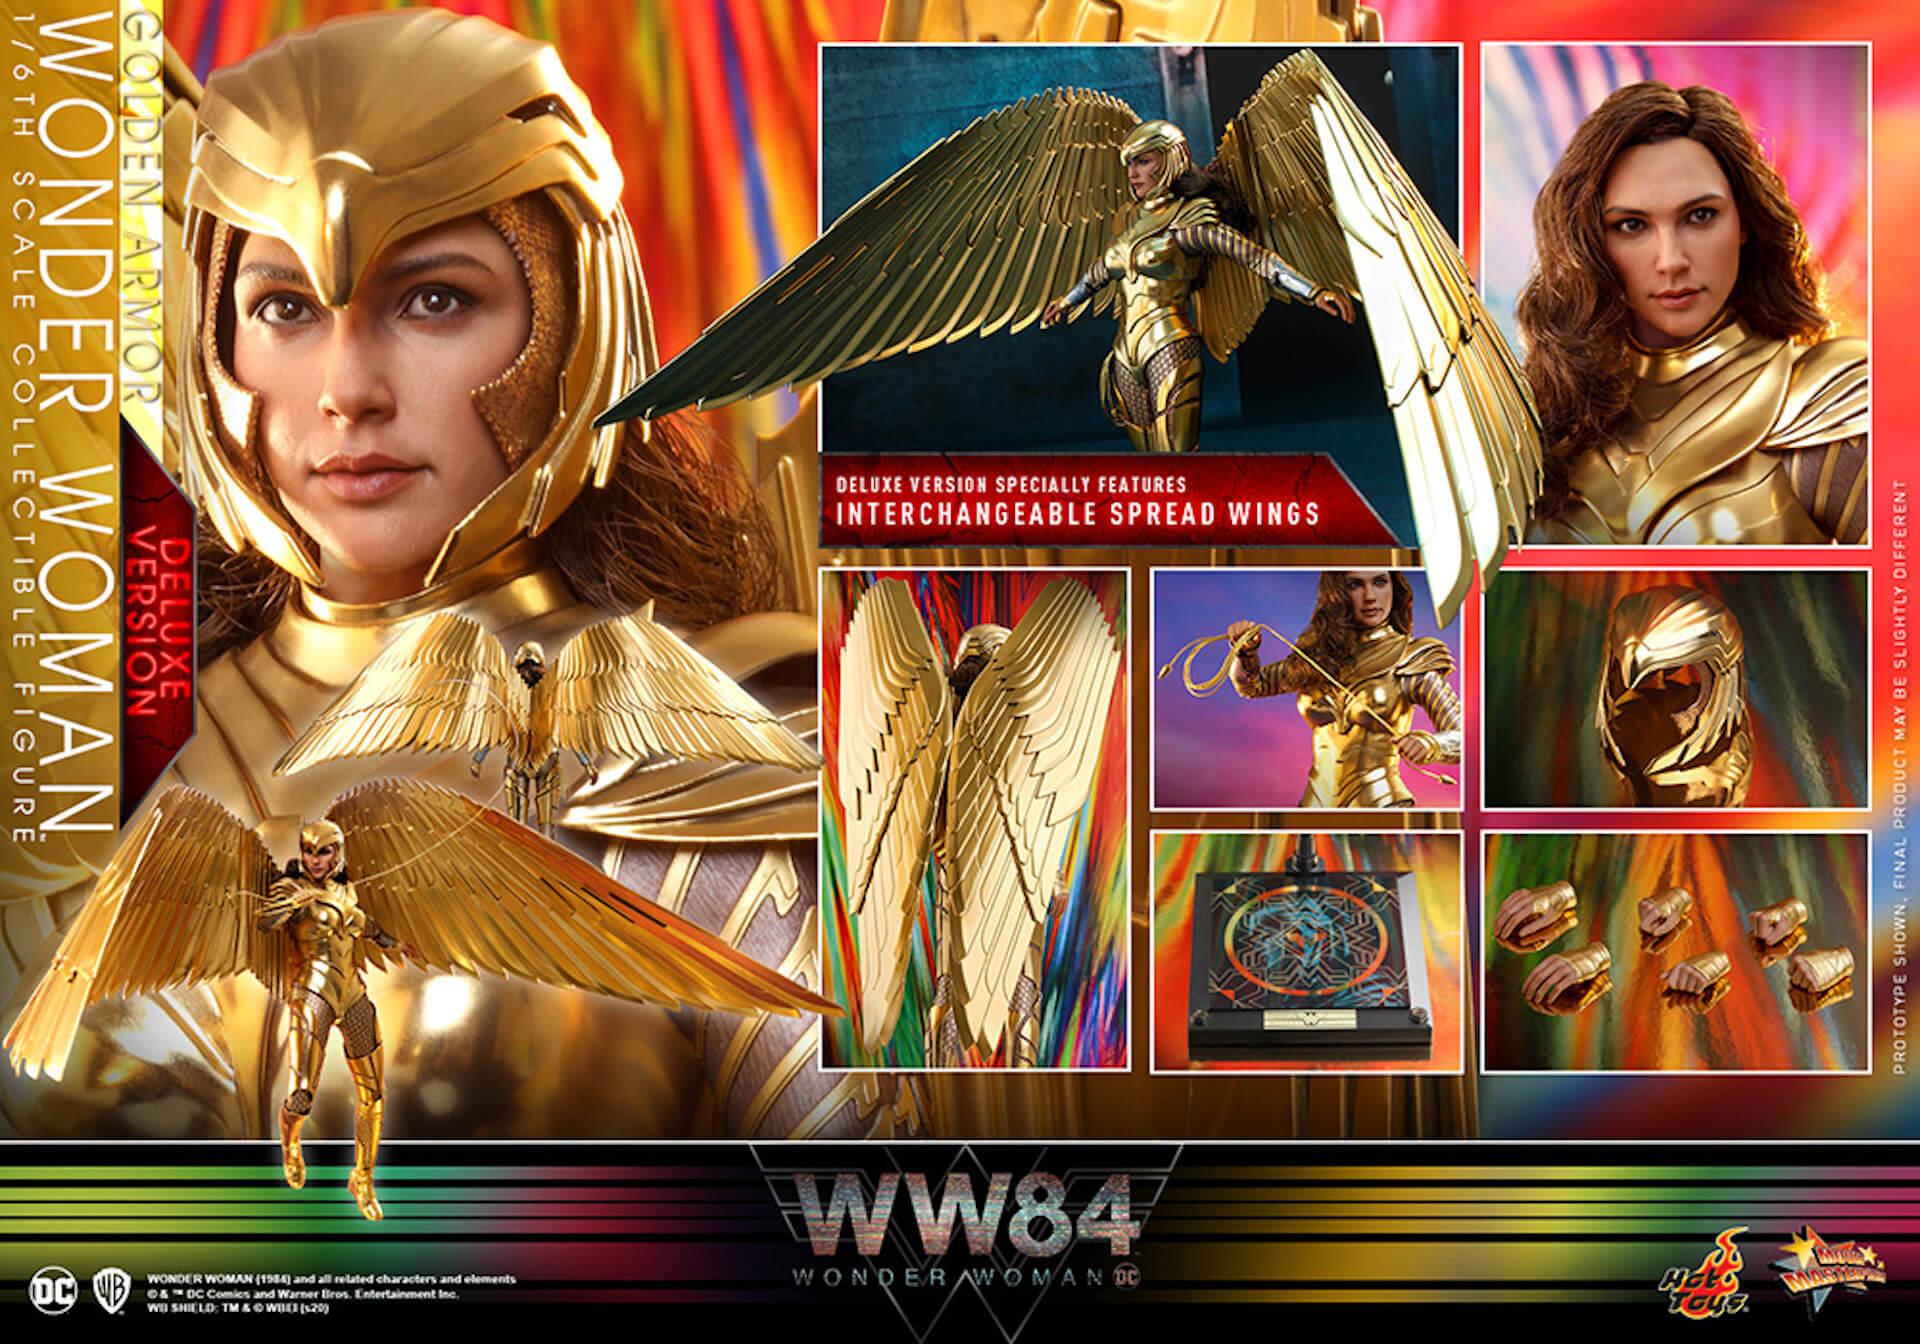 最新作『ワンダーウーマン 1984』からゴールドアーマー装着のワンダーウーマンフィギュアがホットトイズで登場! art200528_ww_hottoys_8